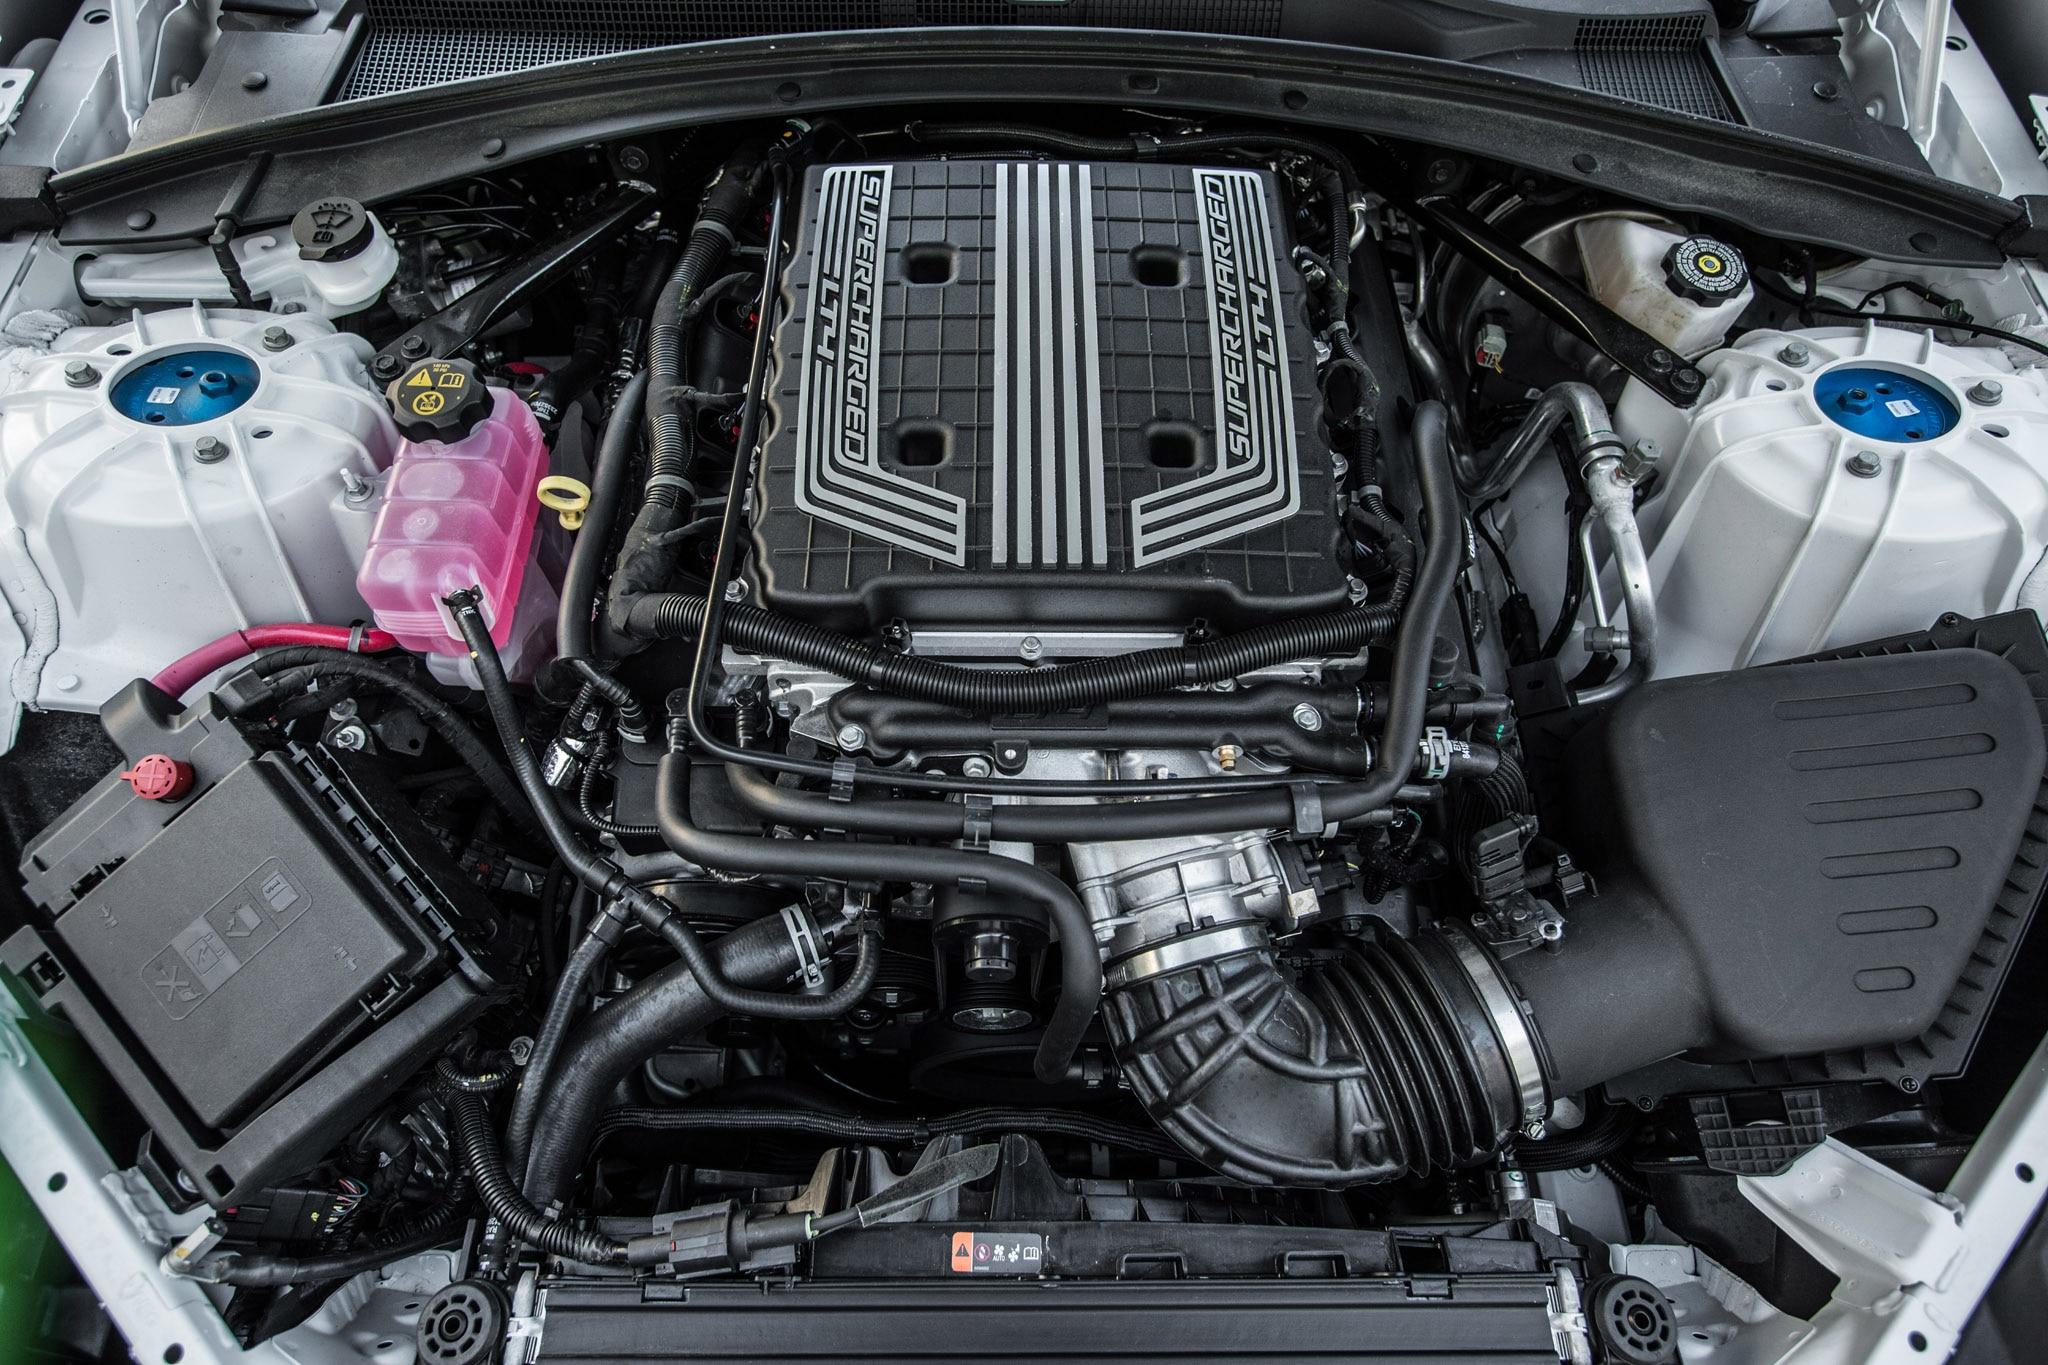 Camaro Zl1 1Le Price >> First Drive: 2018 Chevrolet Camaro ZL1 1LE | Automobile ...